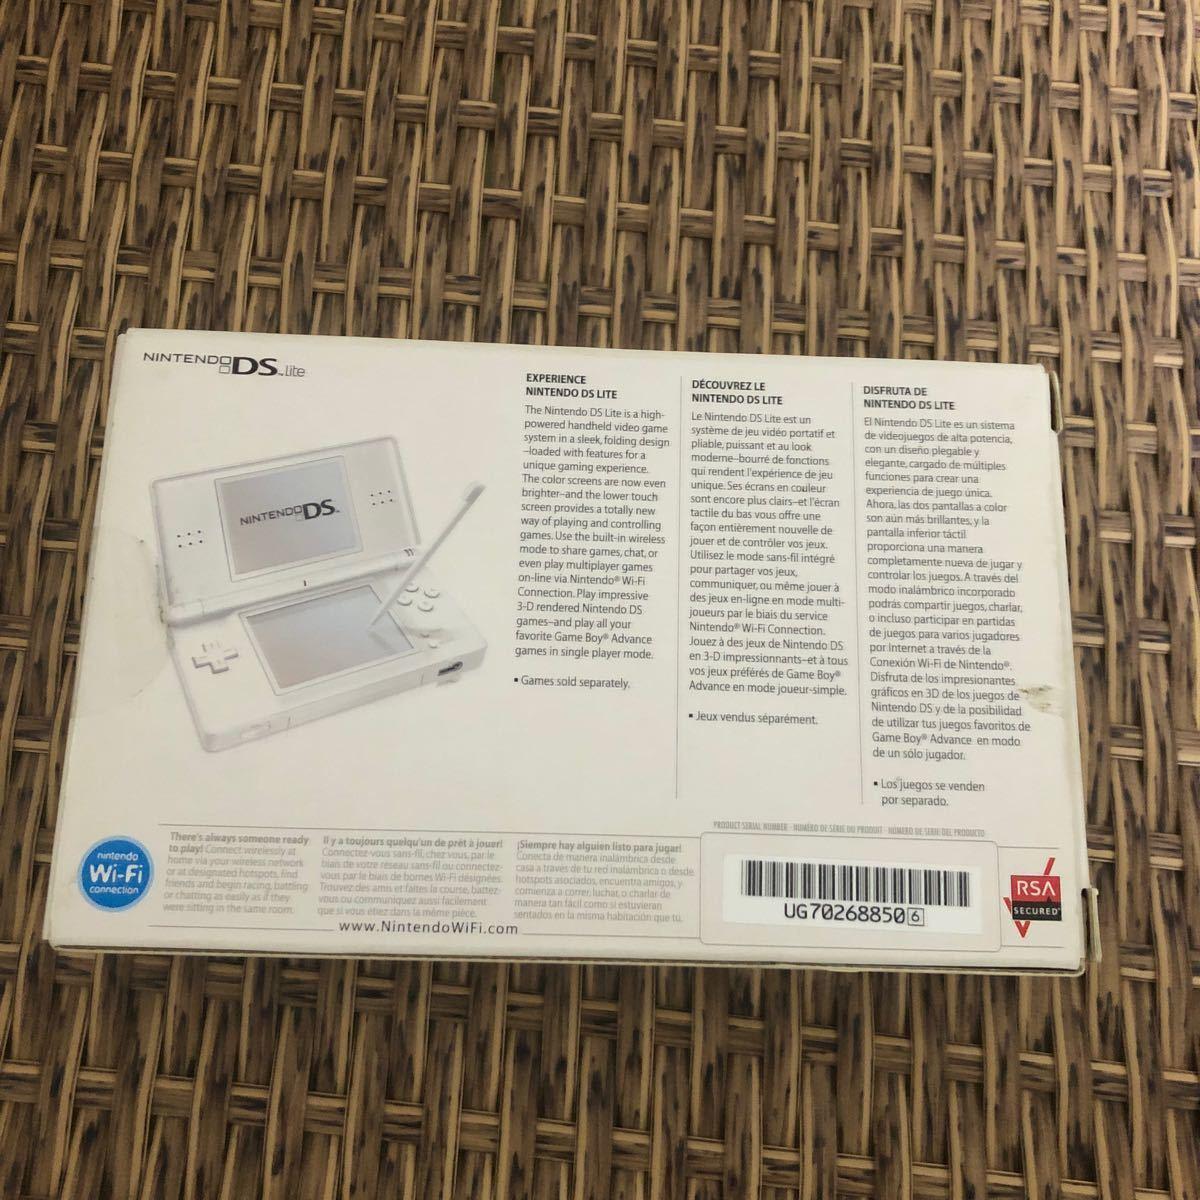 ニンテンドーDS Lite 北米版